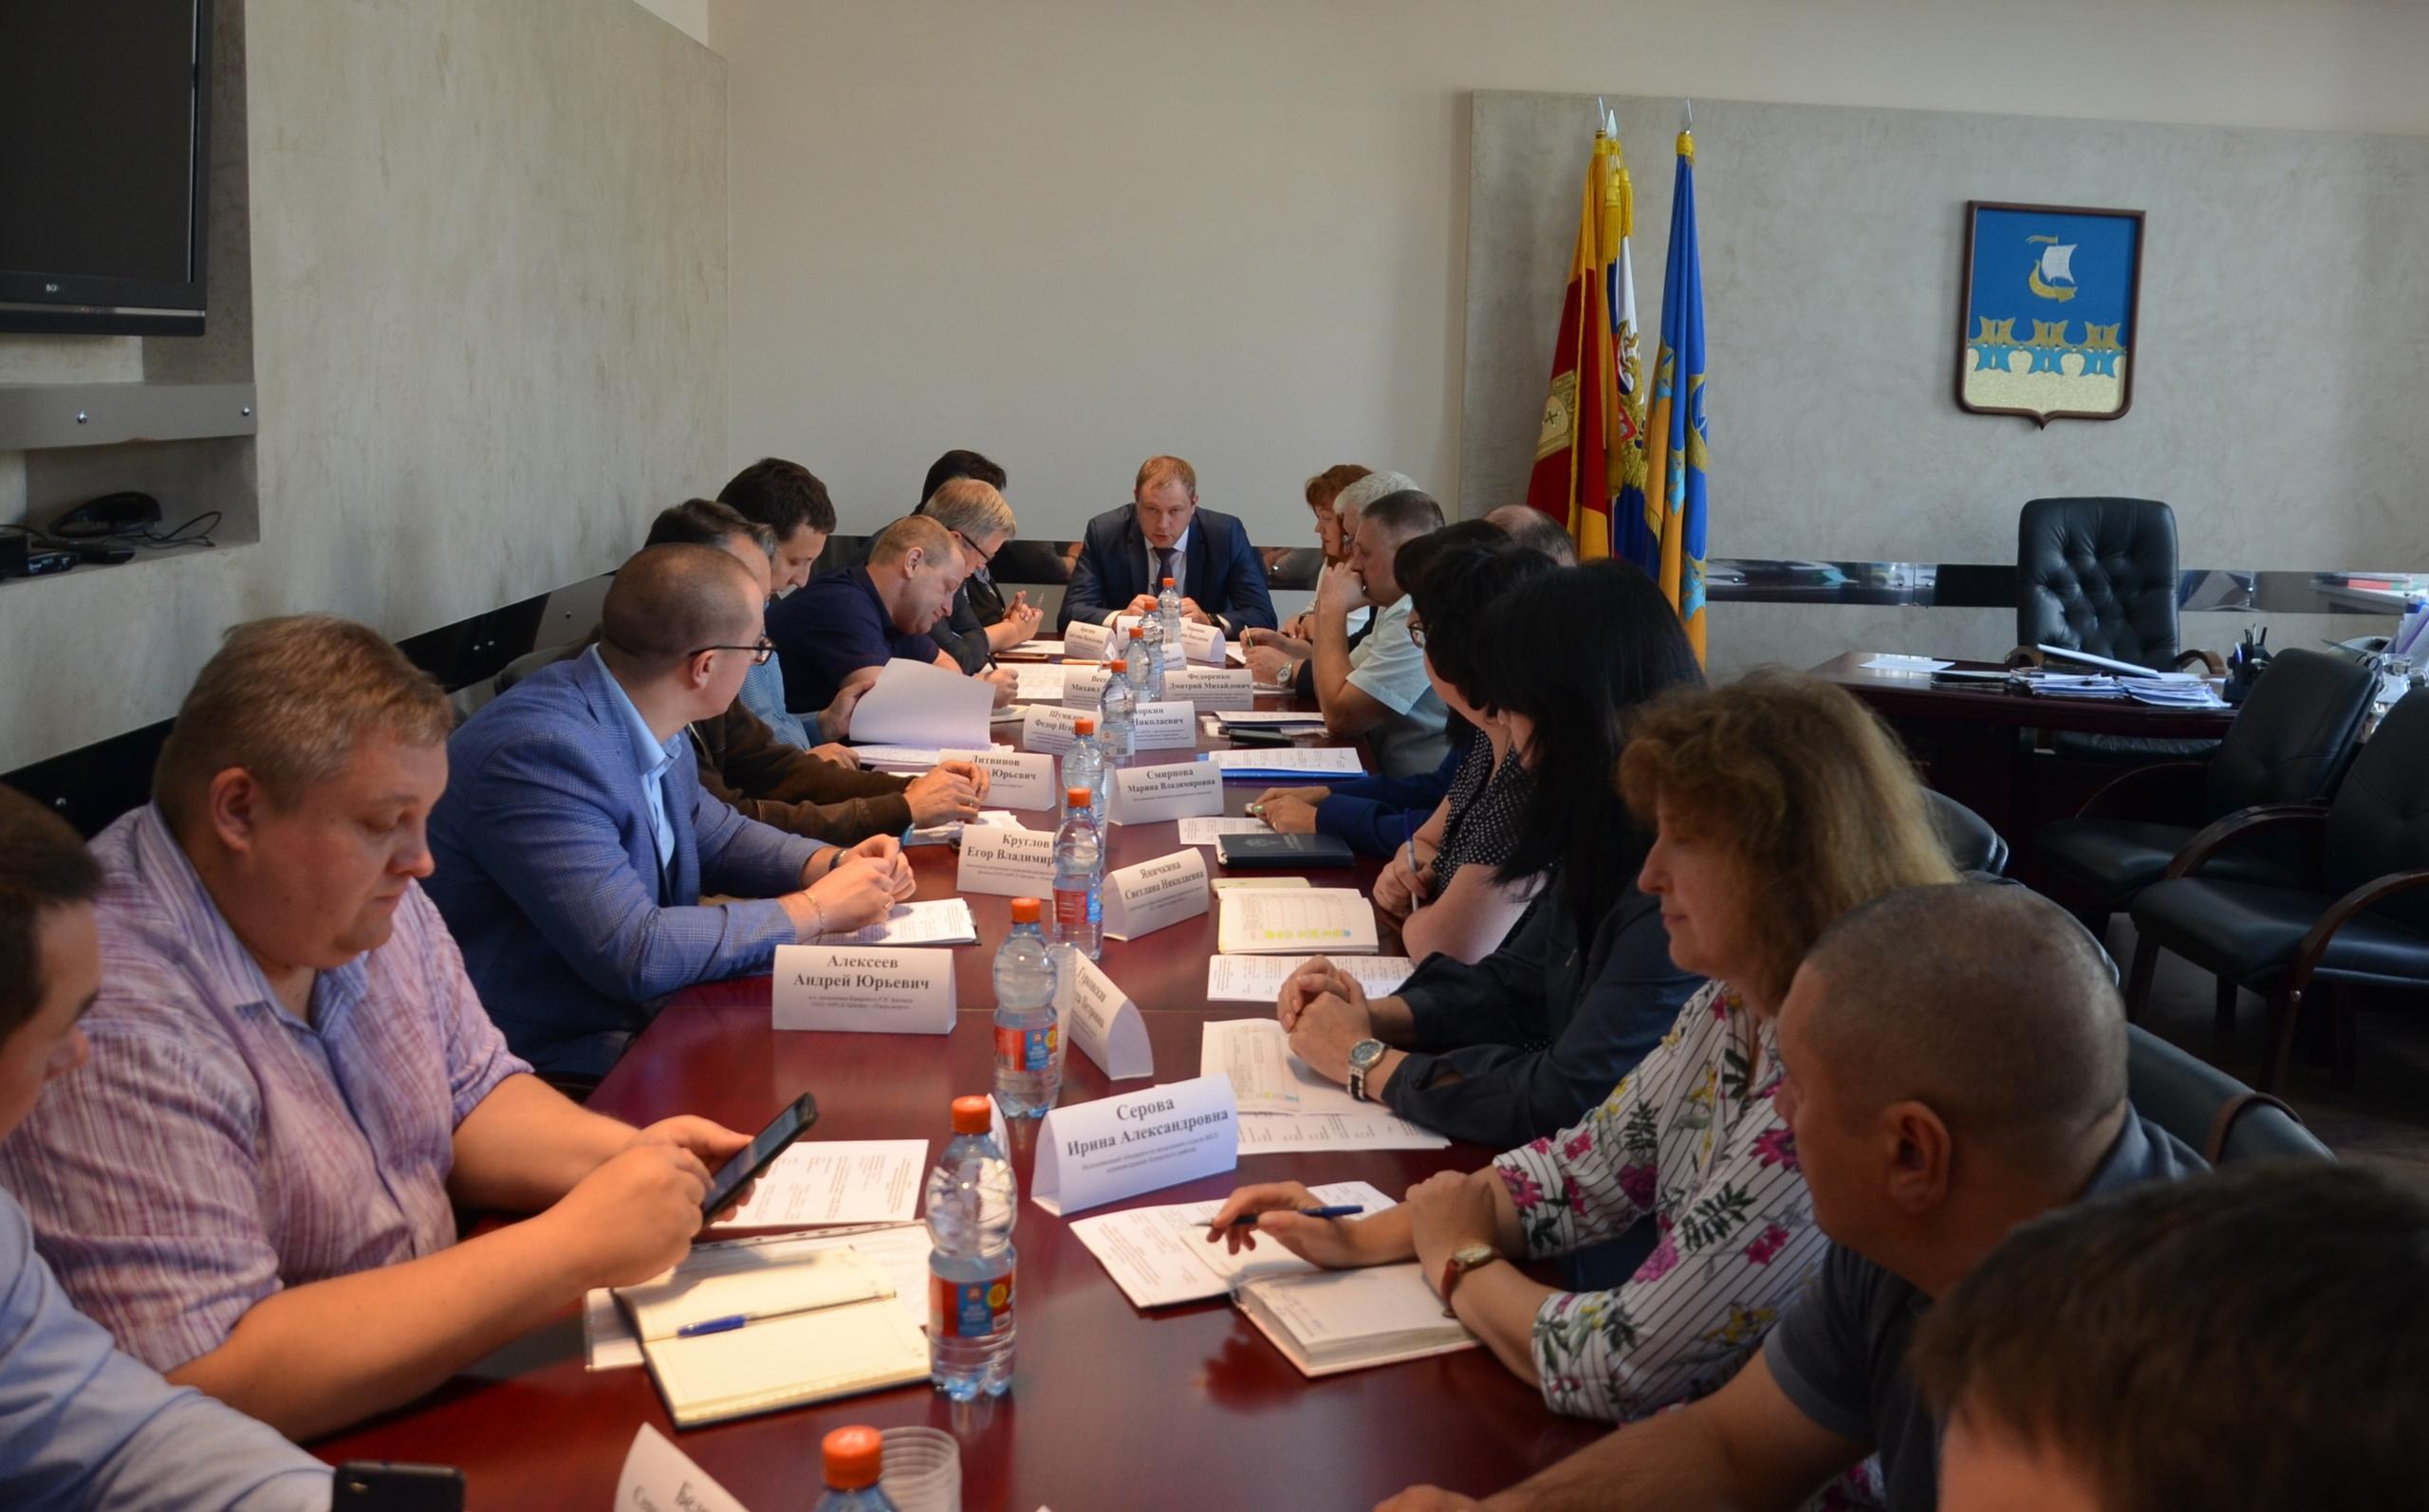 Замминистра высоко оценил работу кимрской администрации, особенно МУП «Городское хозяйство»